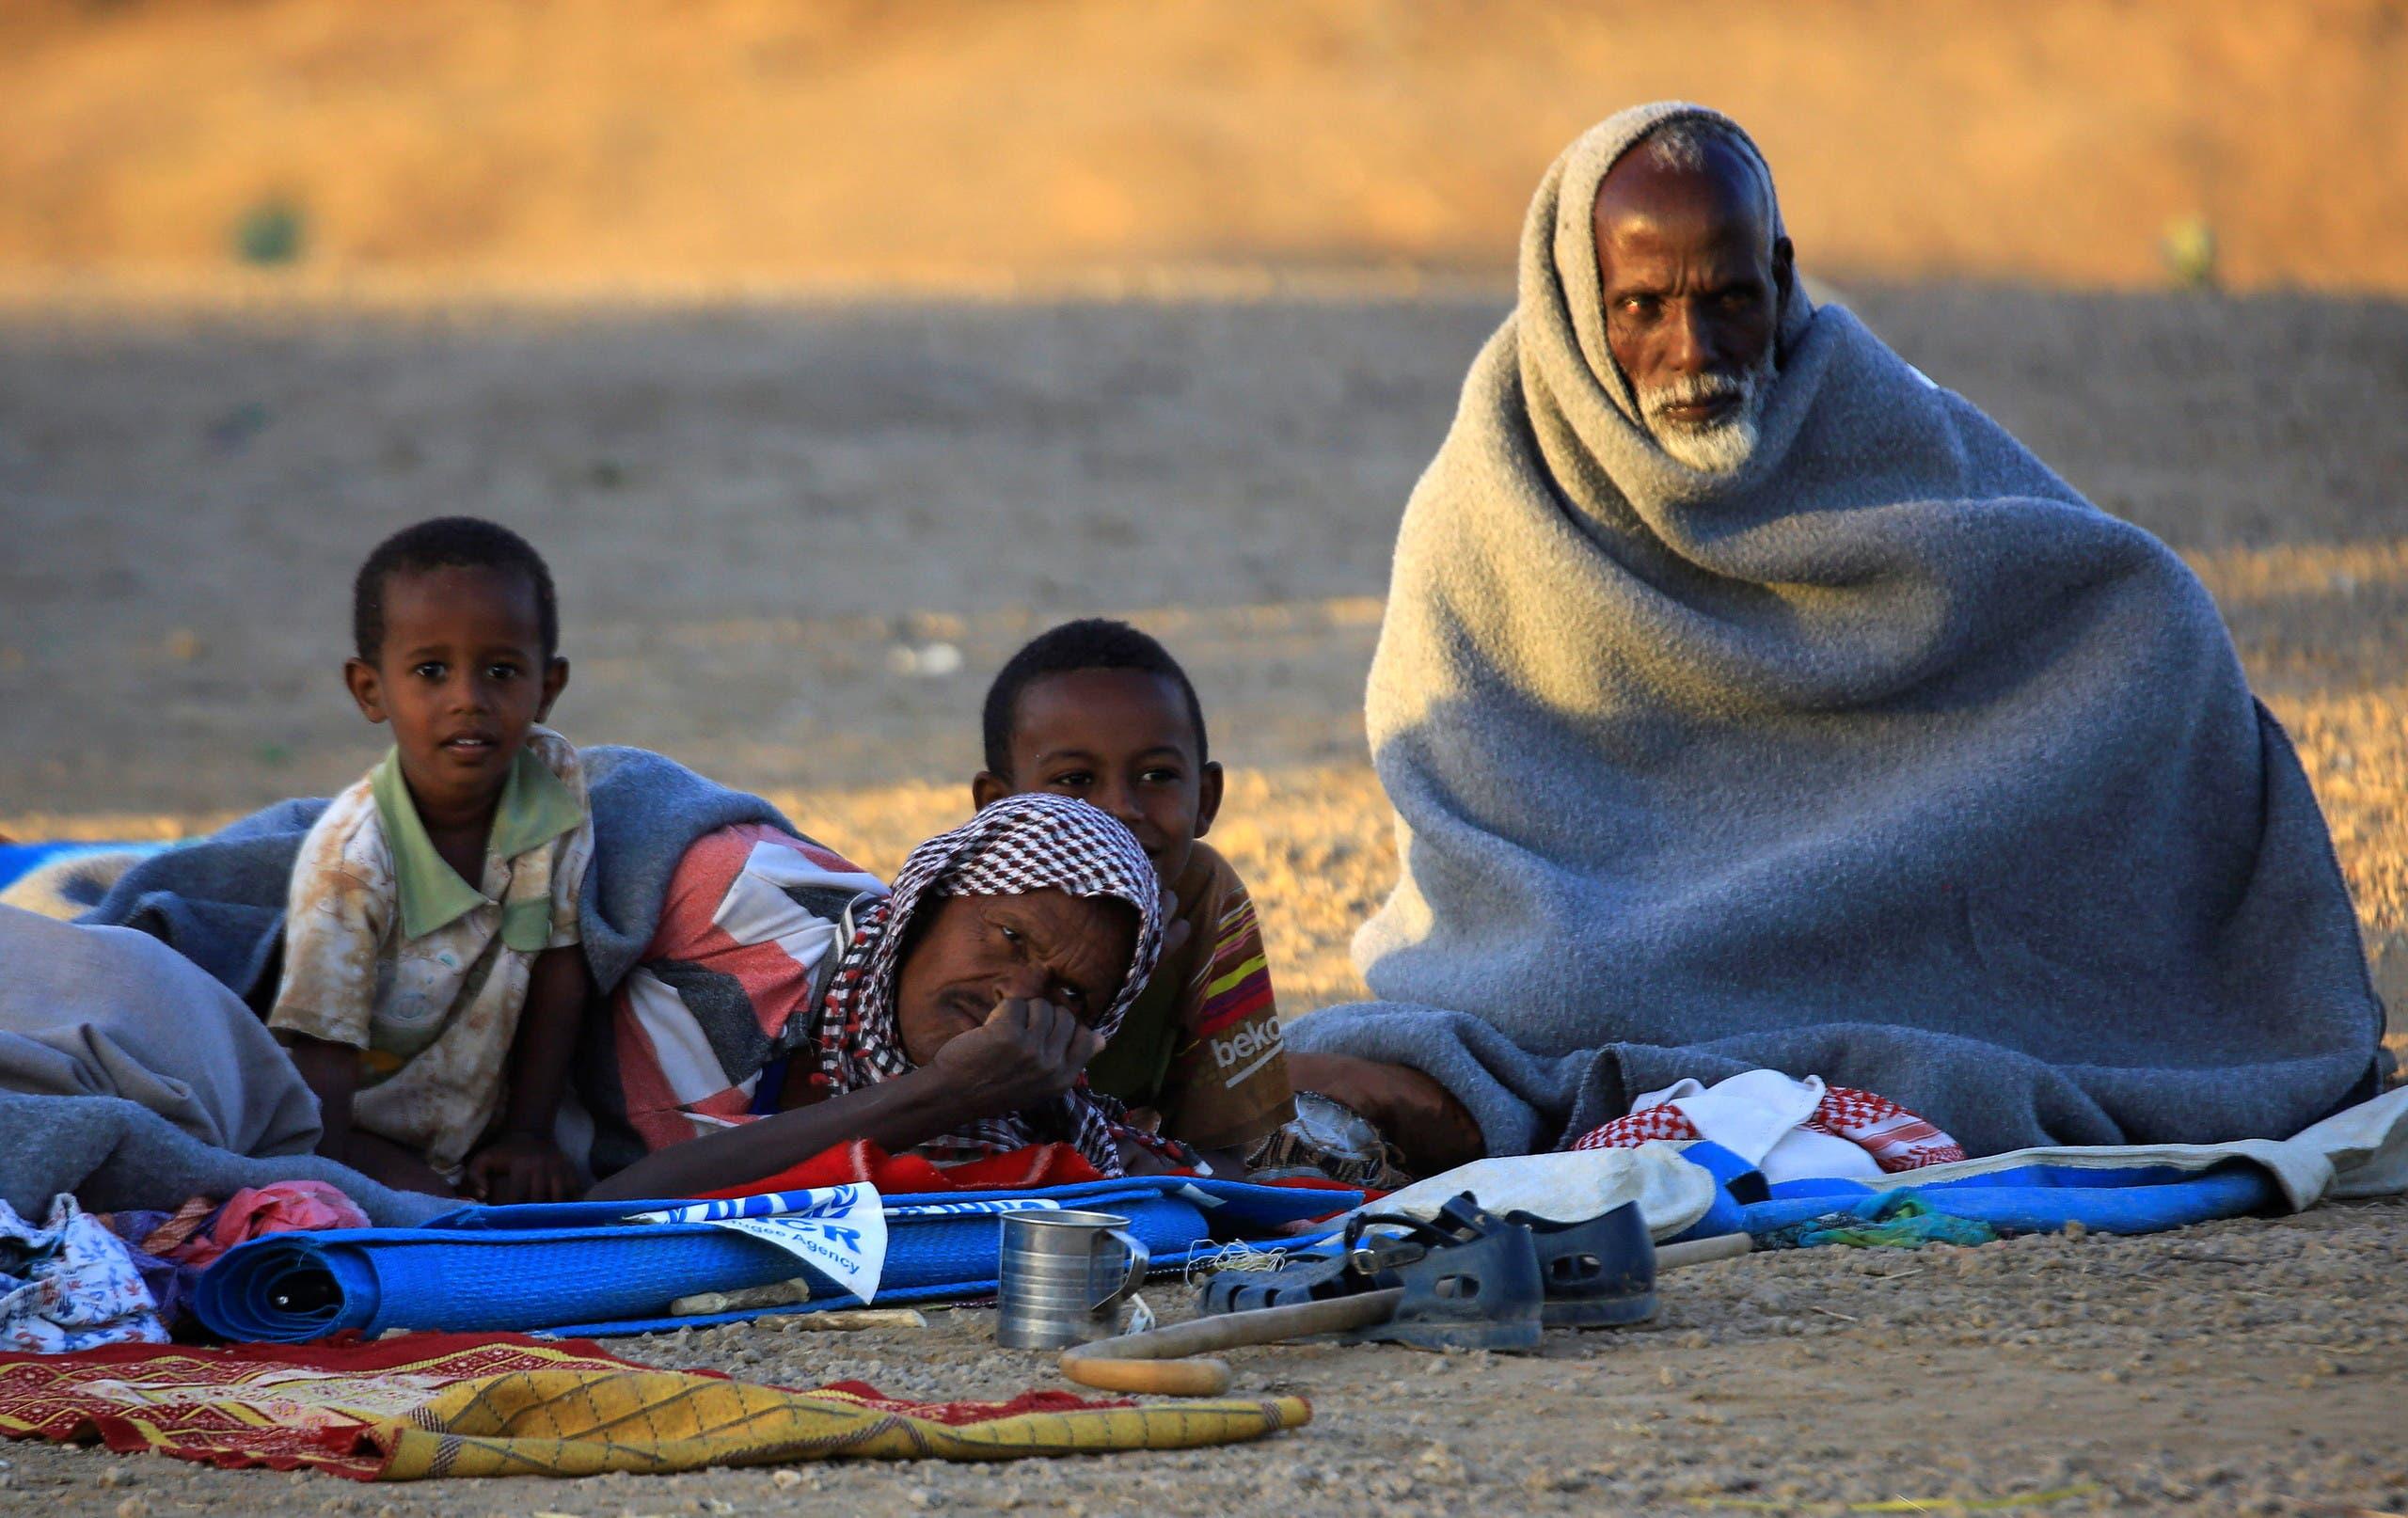 پناهندگان اتیوپیایی برای جلوگیری از جنگ به سودان فرار می کنند